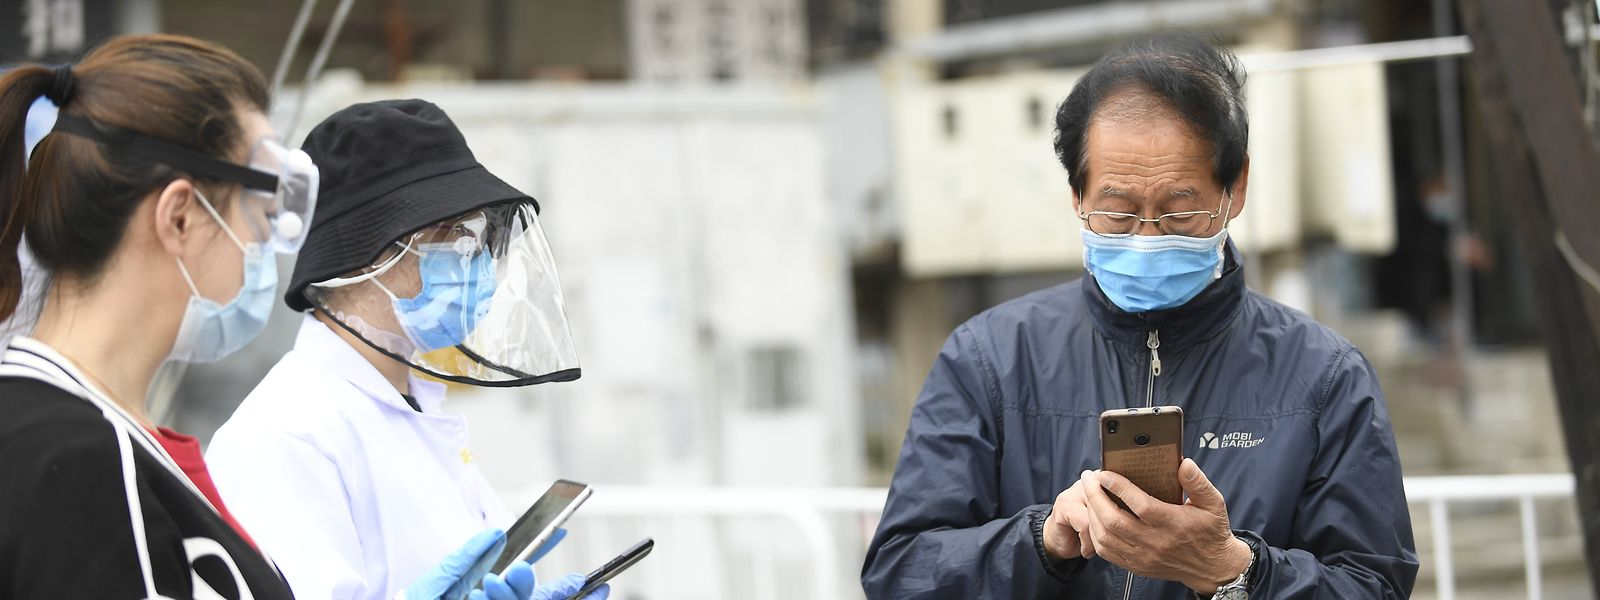 Um in China seinen Alltag zu bewältigen, benötigt man einen grünen Code auf seinem Smartphone.